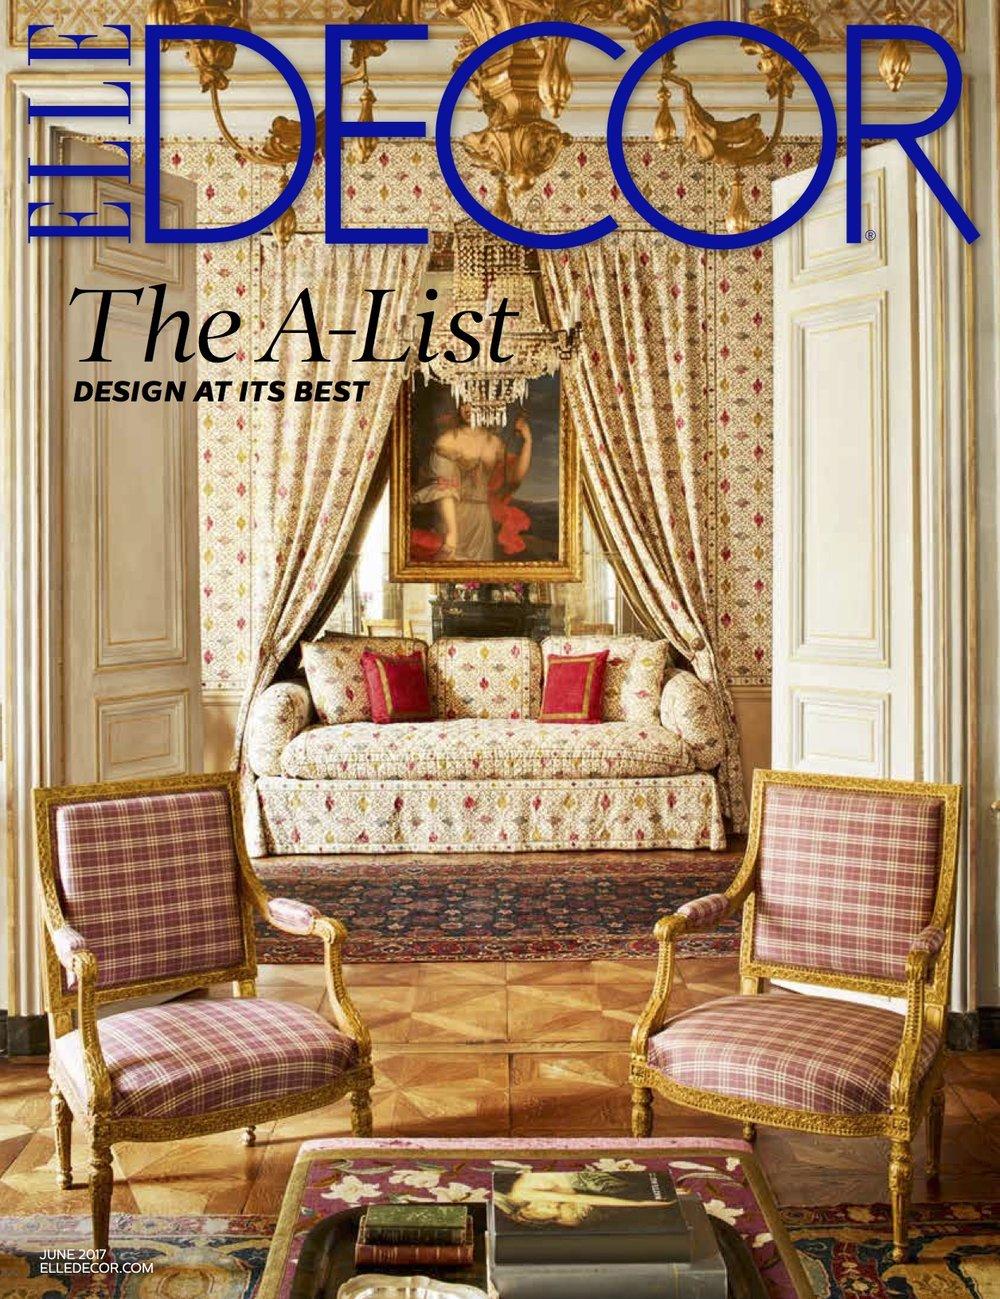 edc0617 Cover.jpg